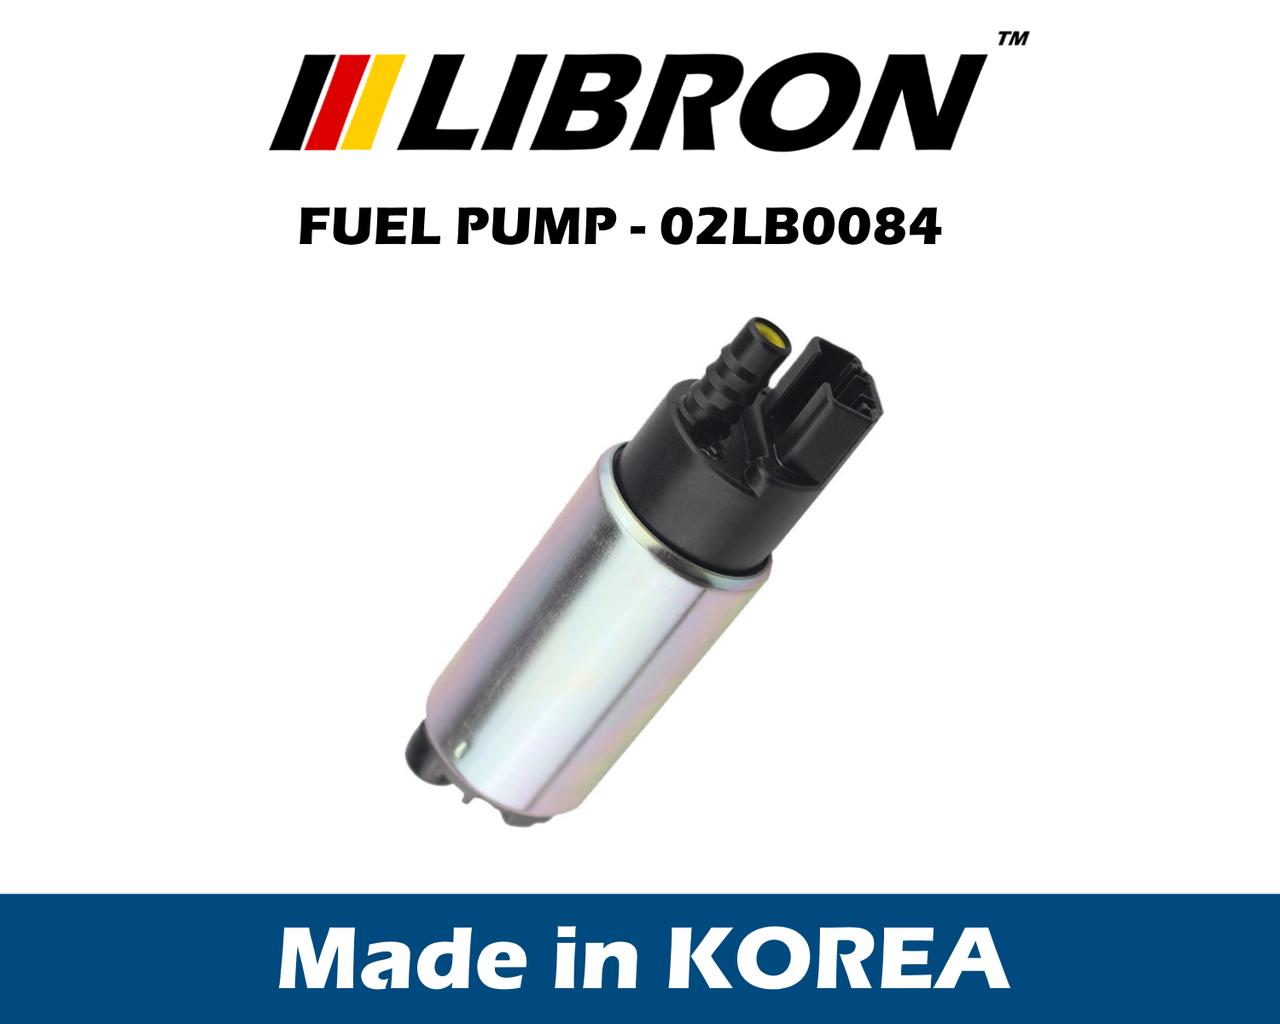 Топливный насос LIBRON 02LB0084 - Ниссан Максима